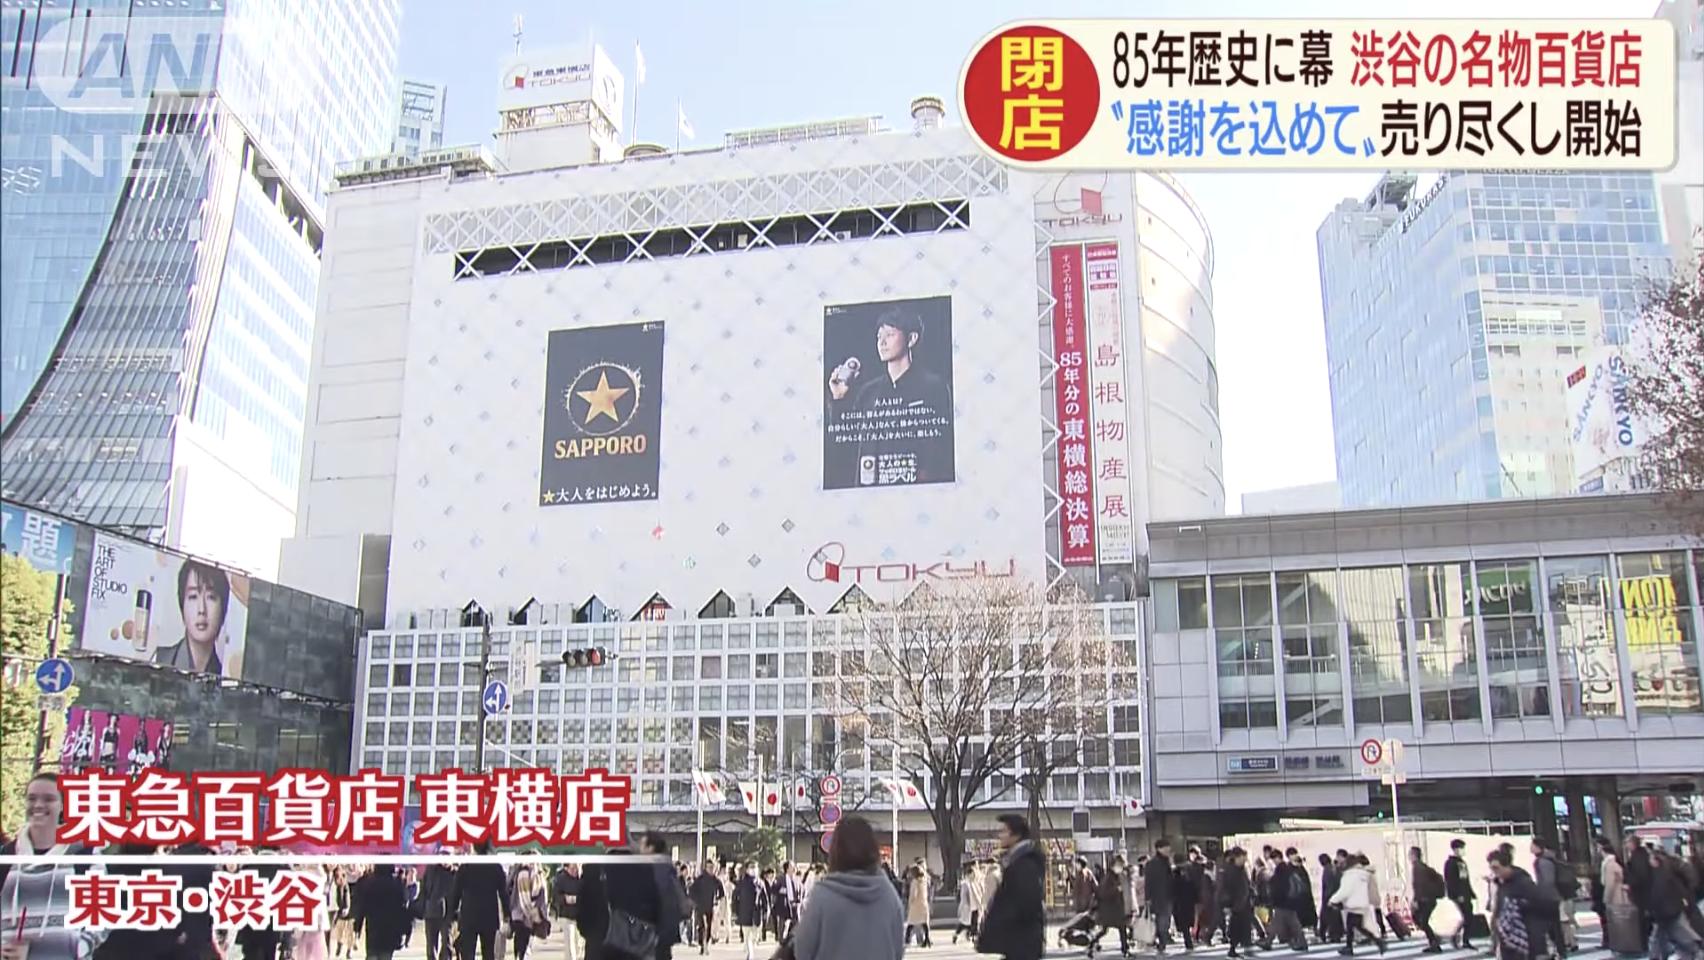 【85年の歴史に幕】渋谷の東急百貨店 感謝セール